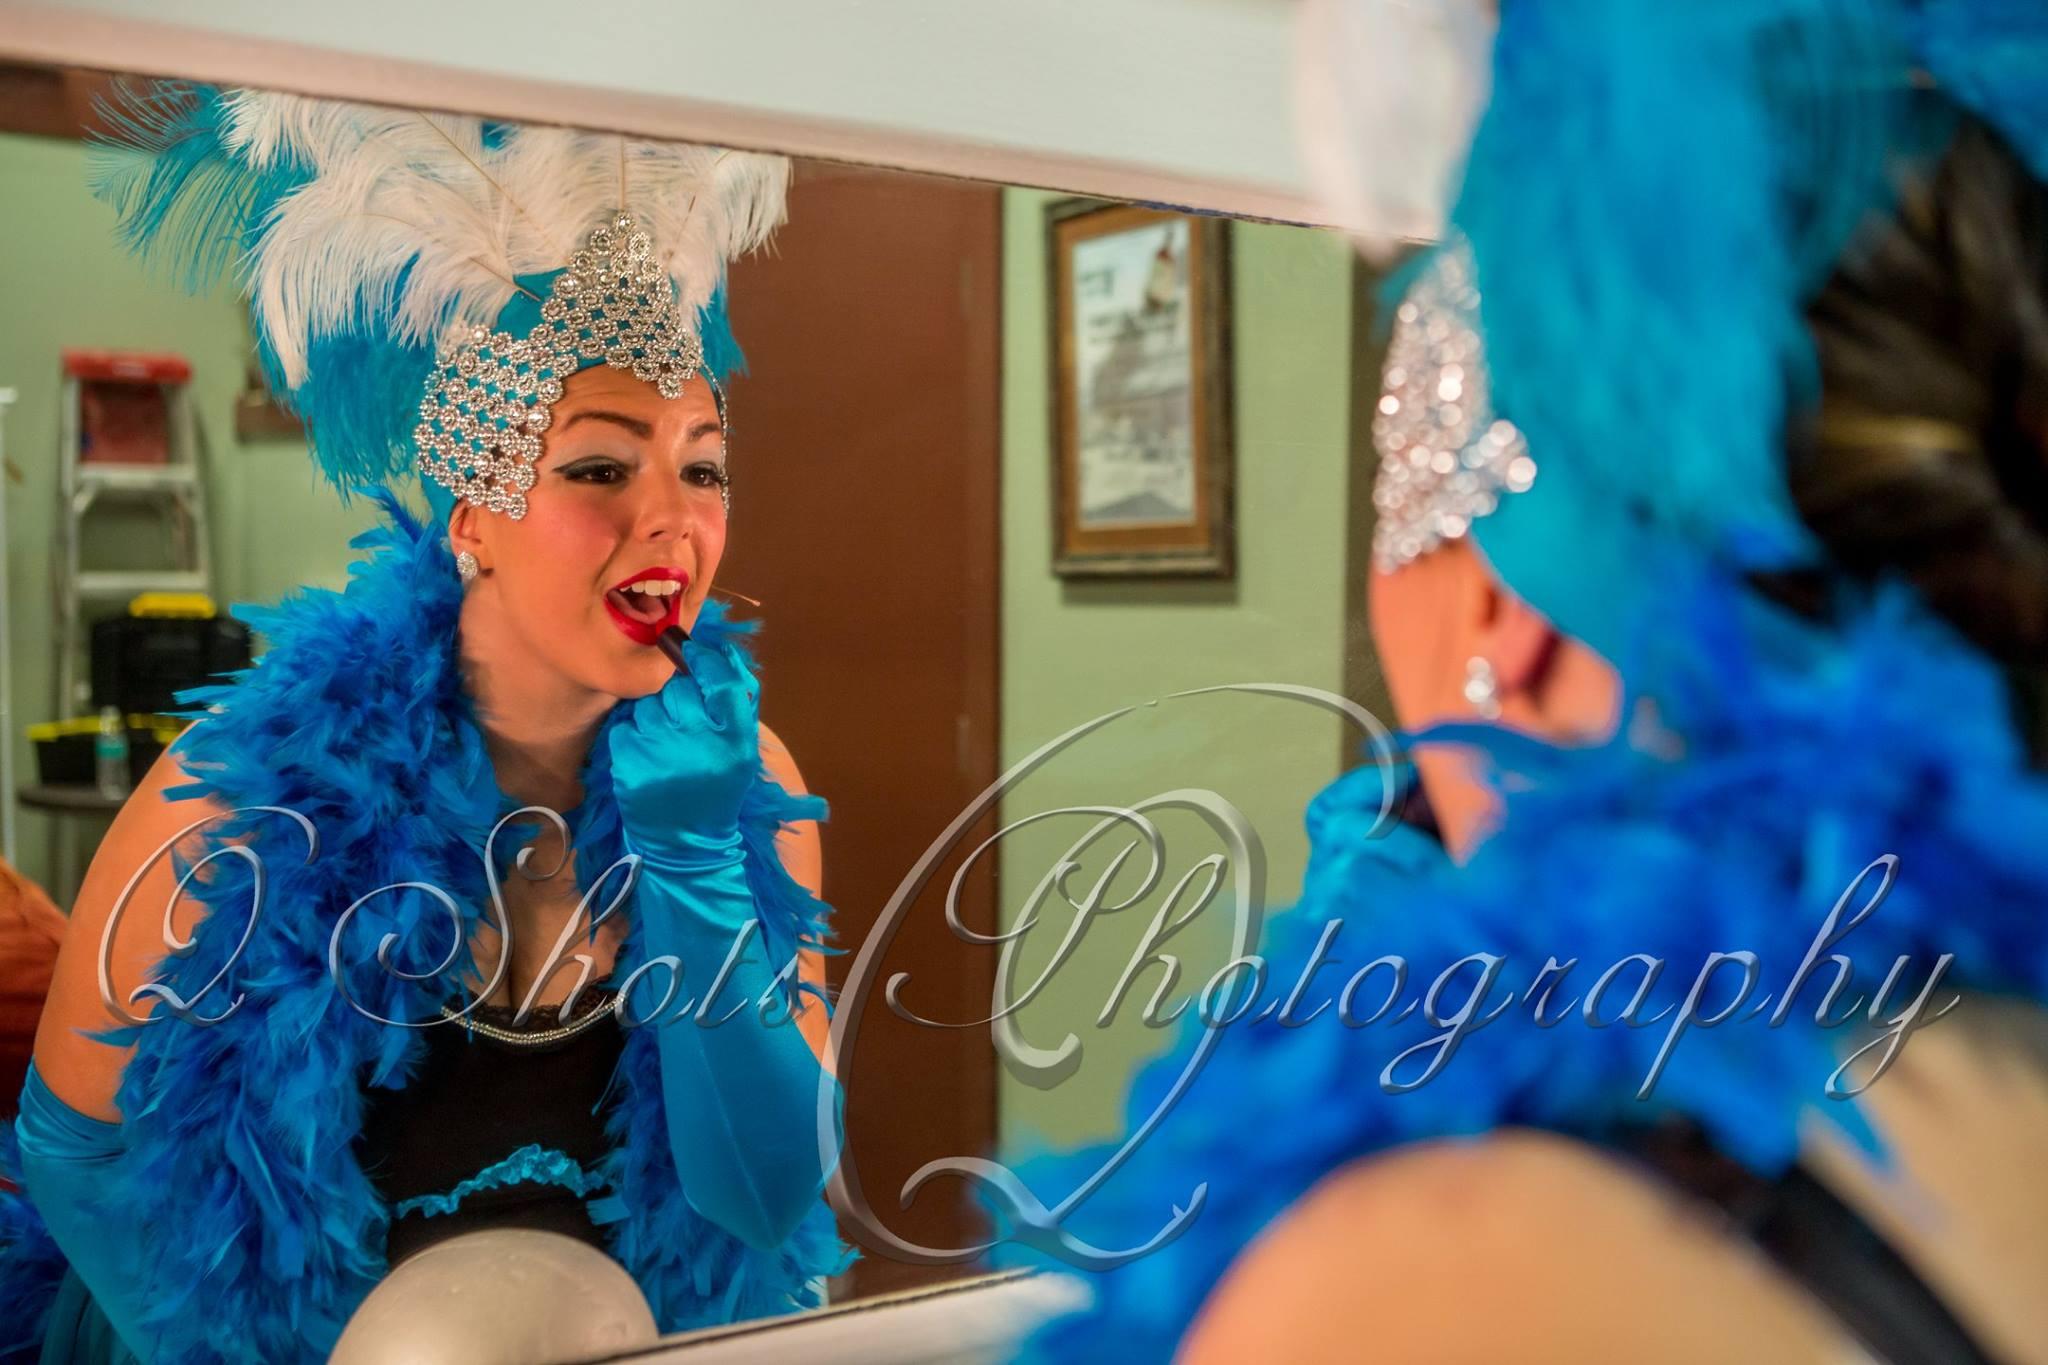 SouthernBroadway_DinnerTheater_AnEveningAtTheCopa_DressingRoom7.jpg